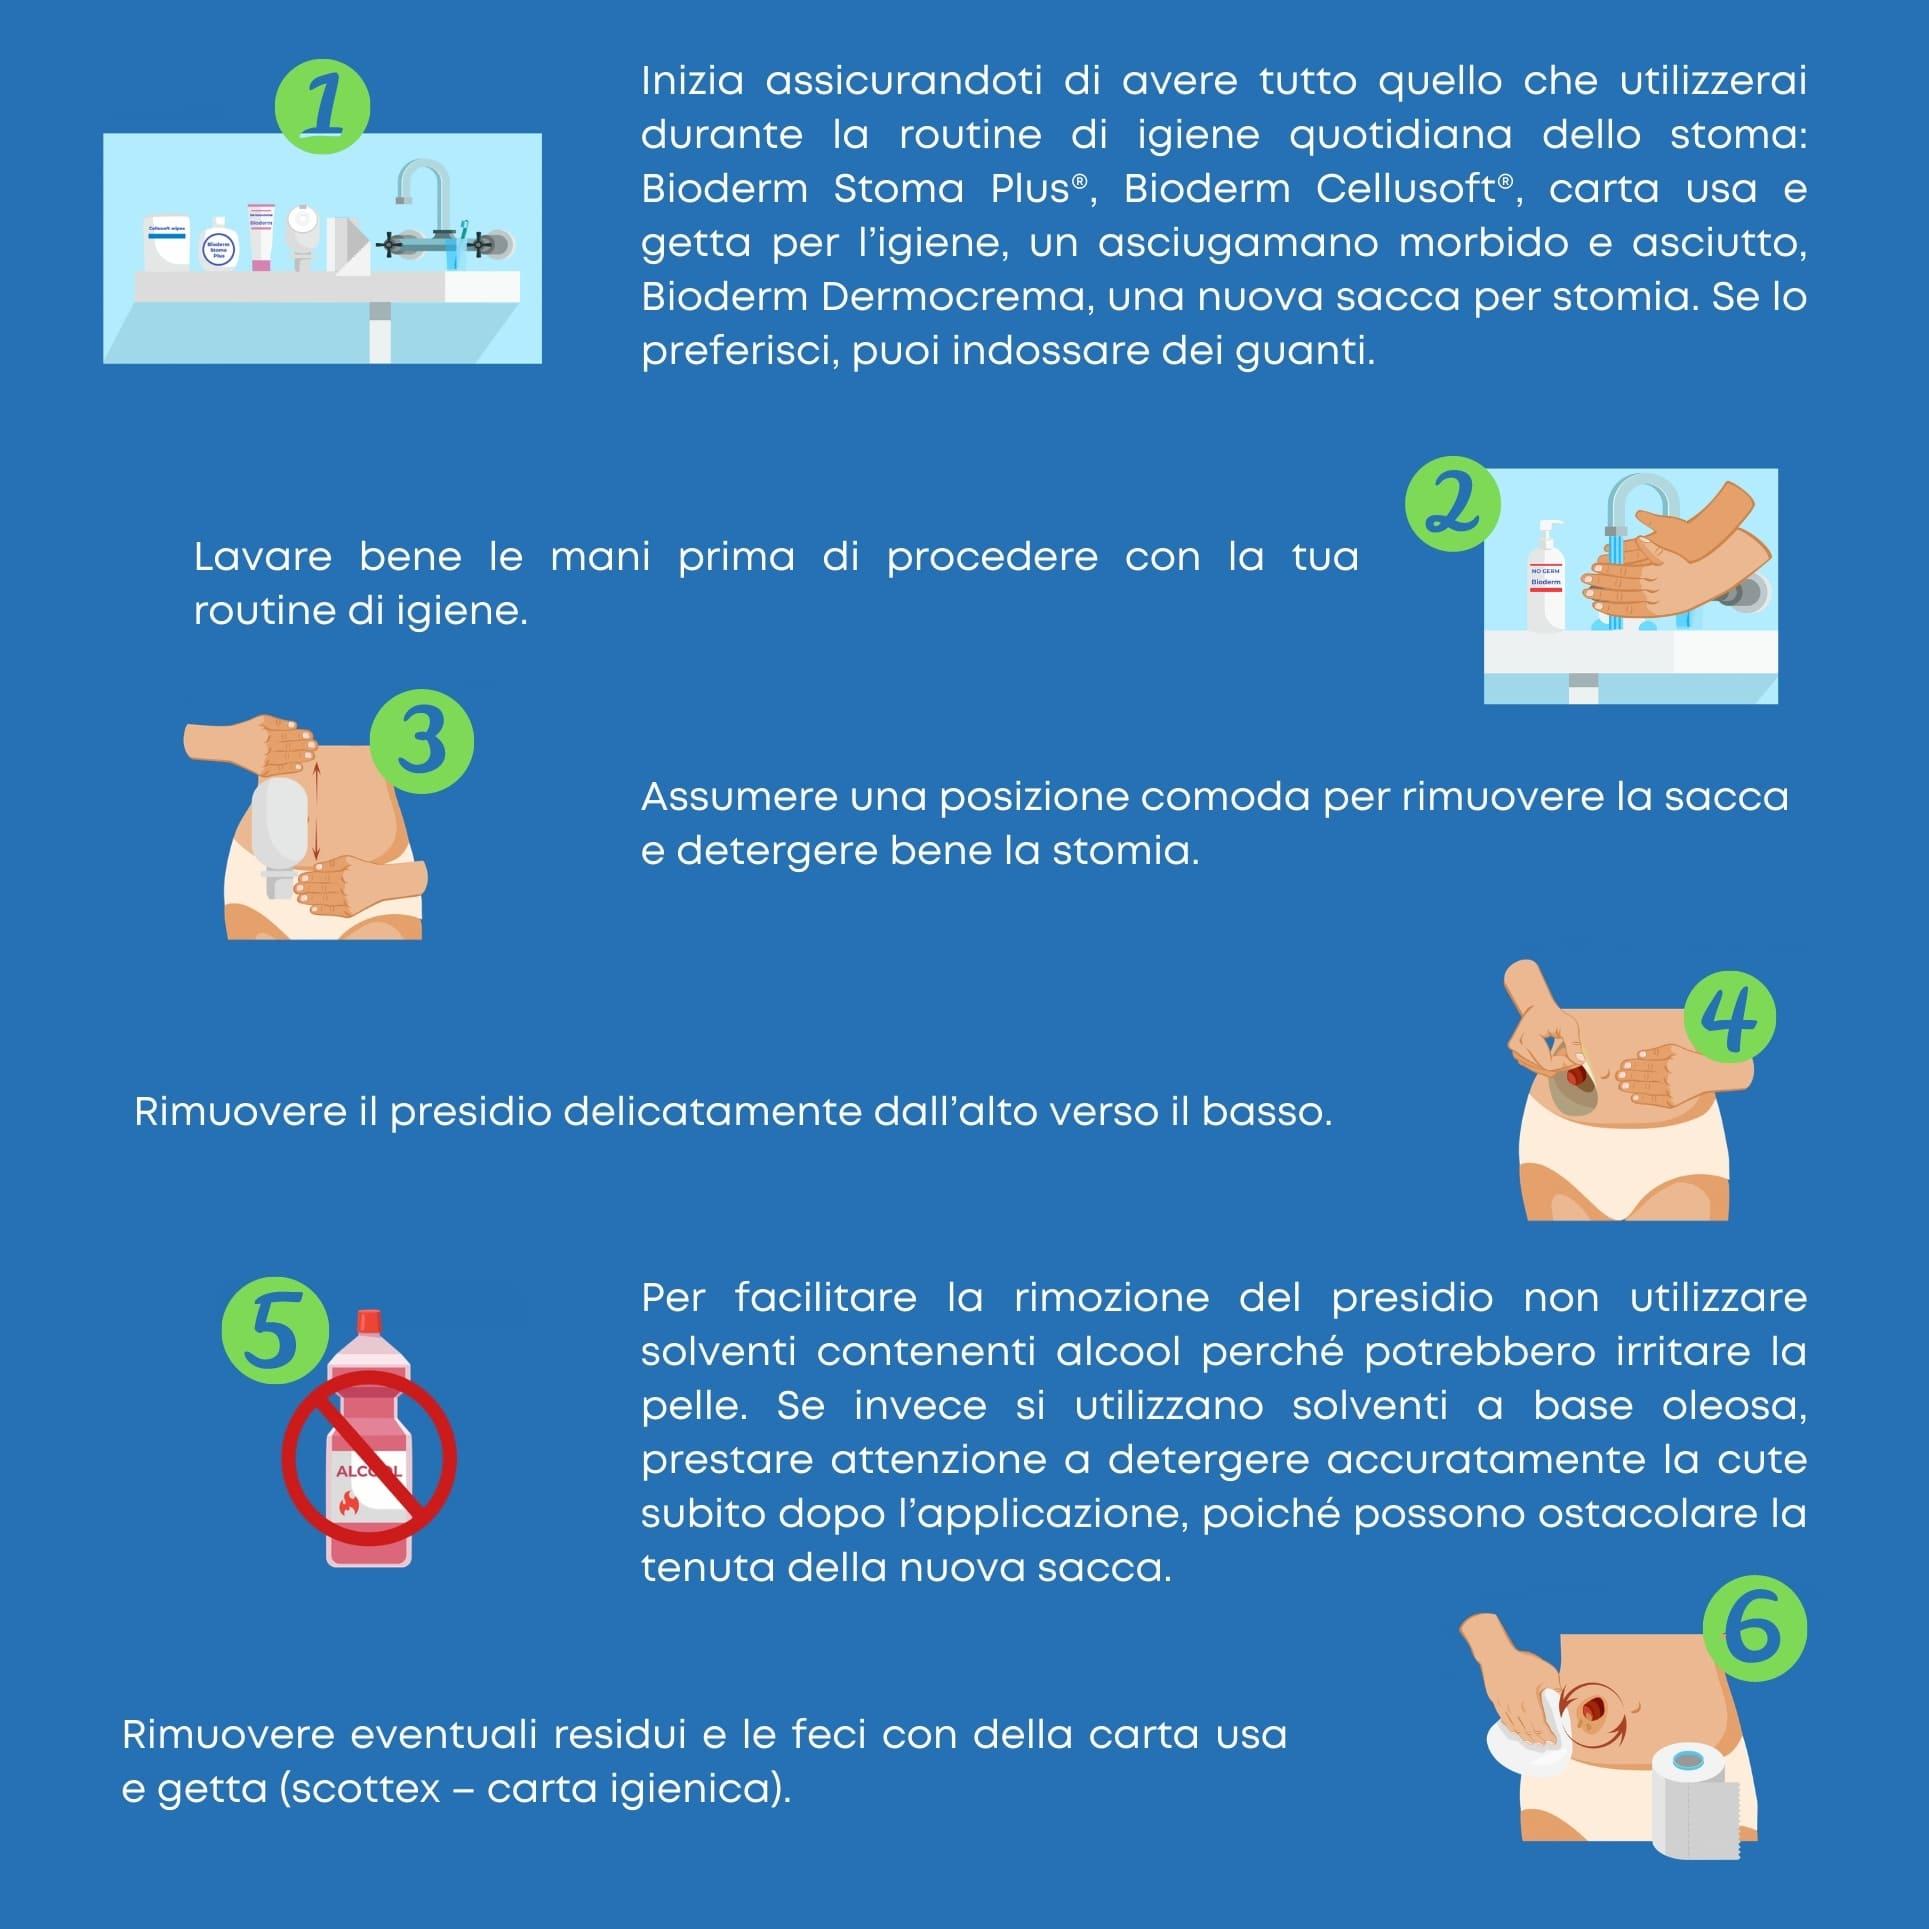 Infografica in 10 passi su come prendersi cura correttamente della vostra pelle persitomale - Passo 1 a 6